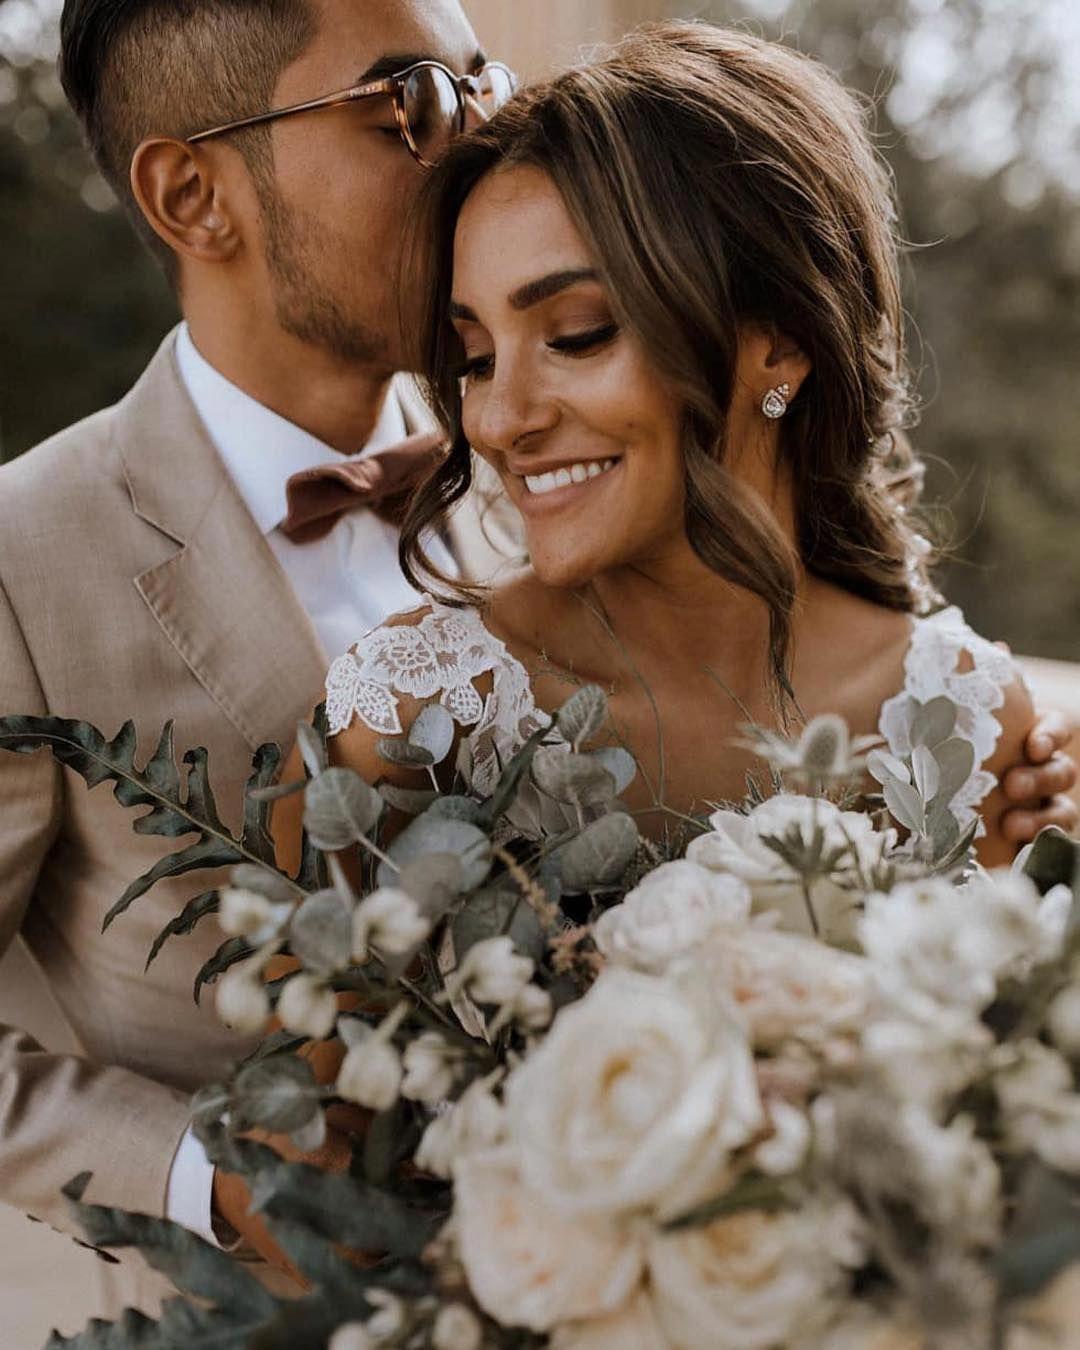 Фото свадьба в венеции потолка